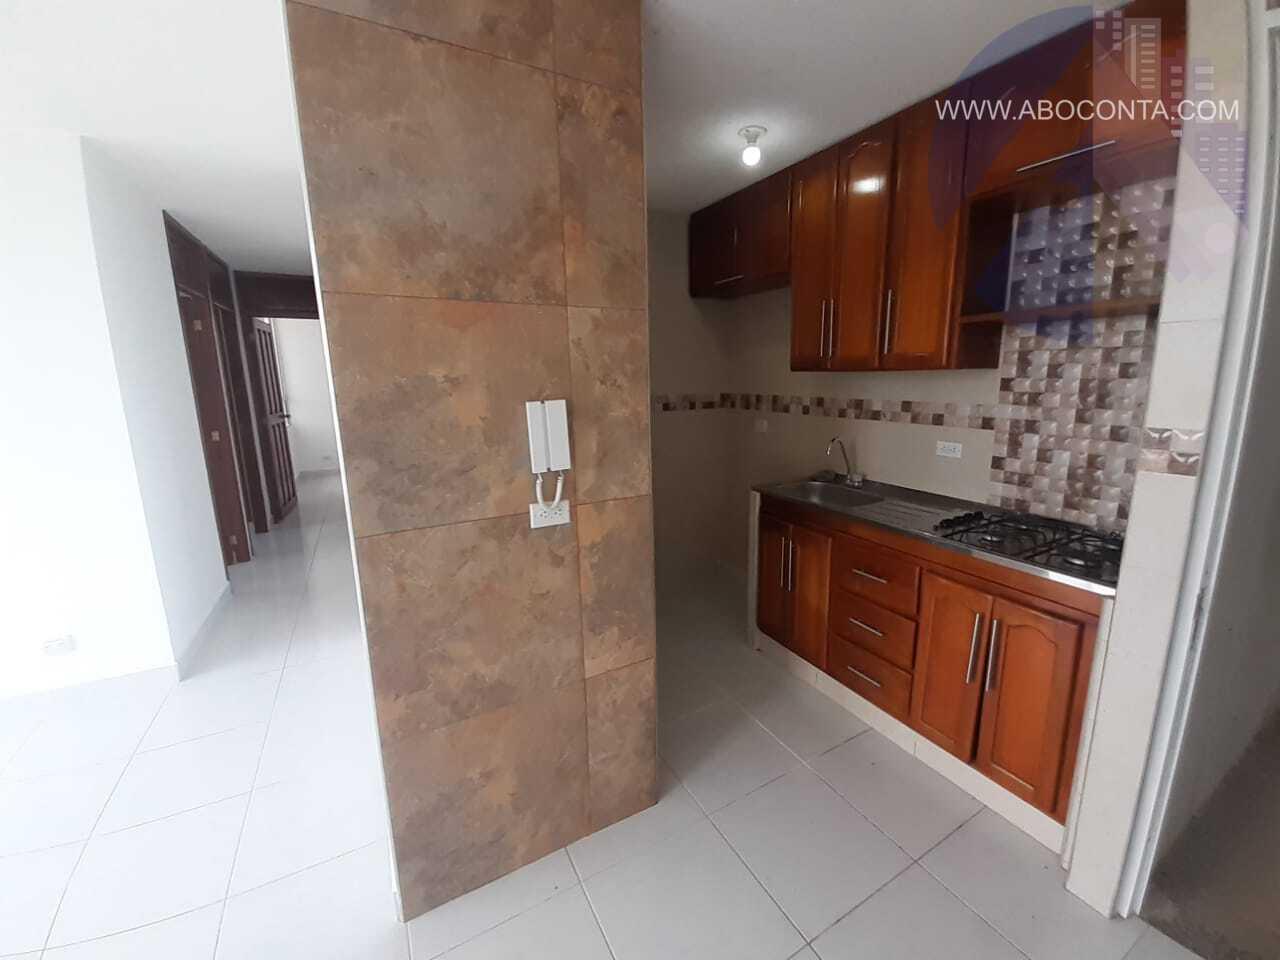 Hermoso apartamento en Parque Heredia